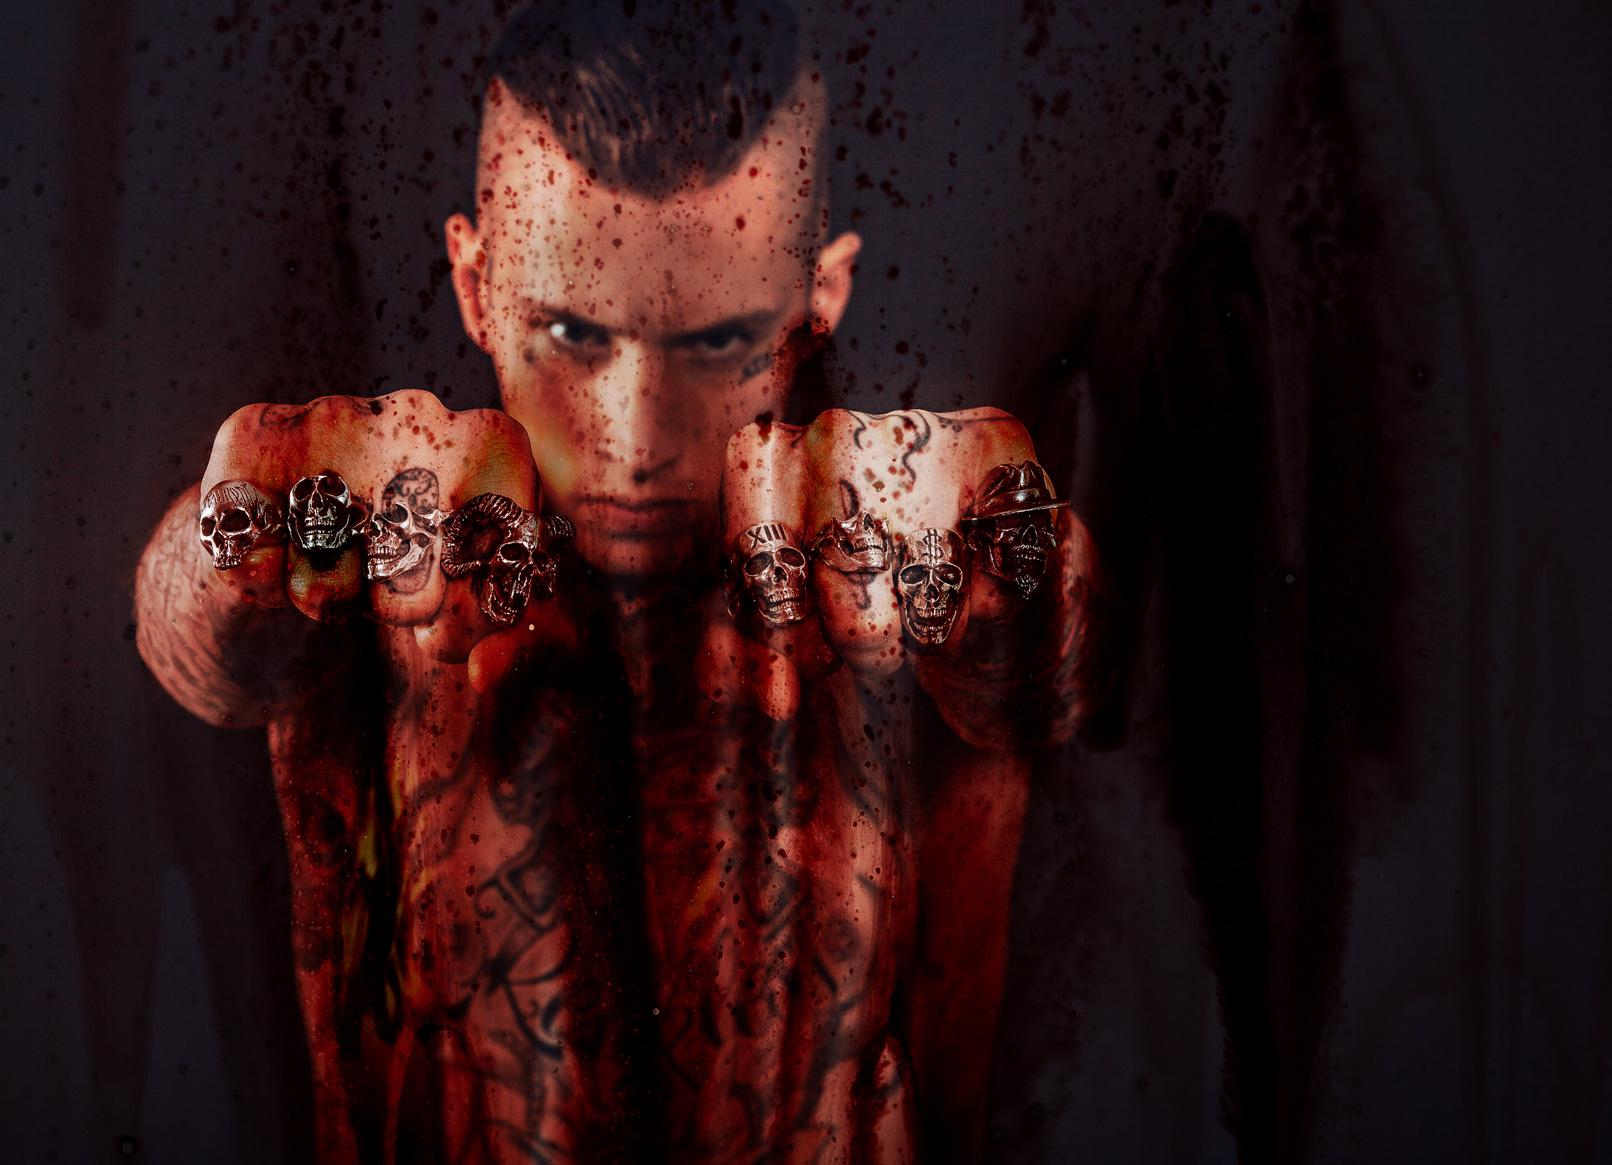 Mann mit geballten Fäusten – eingearbeitet wurde eine Blut-Textur mit Blutspritzern.